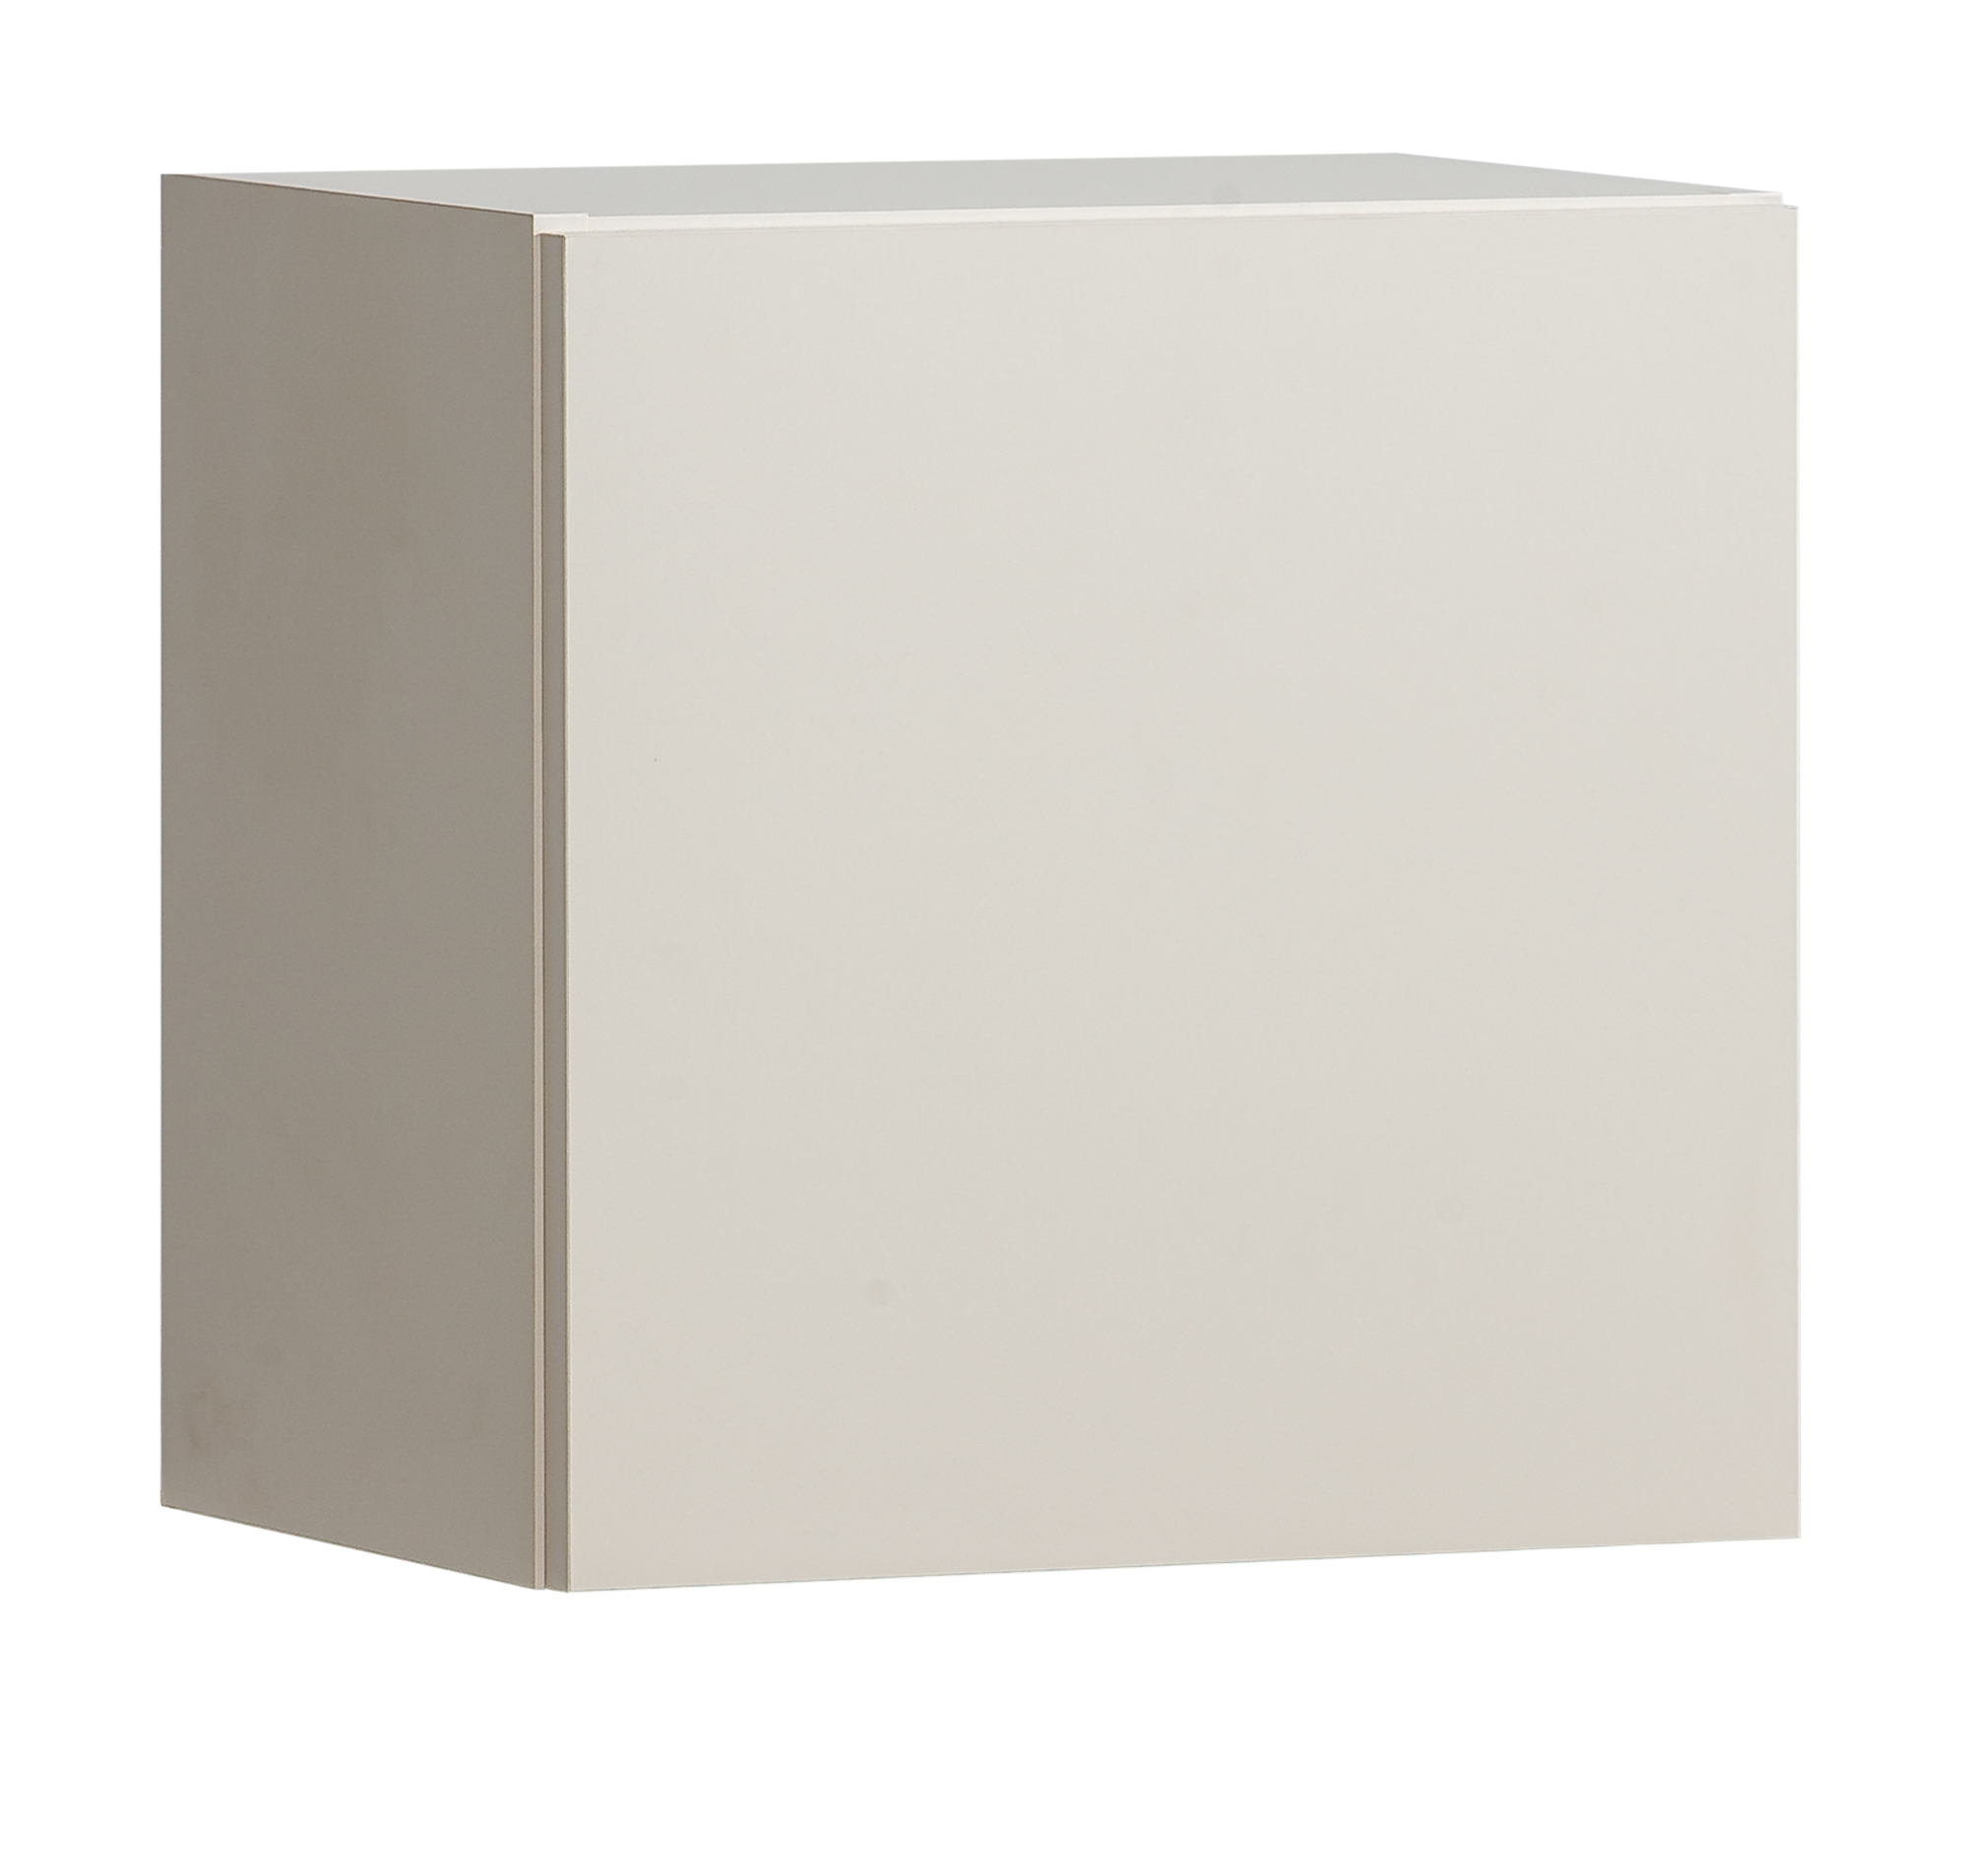 Skrinka na stenu - MOB - Kit 11 (sivá)